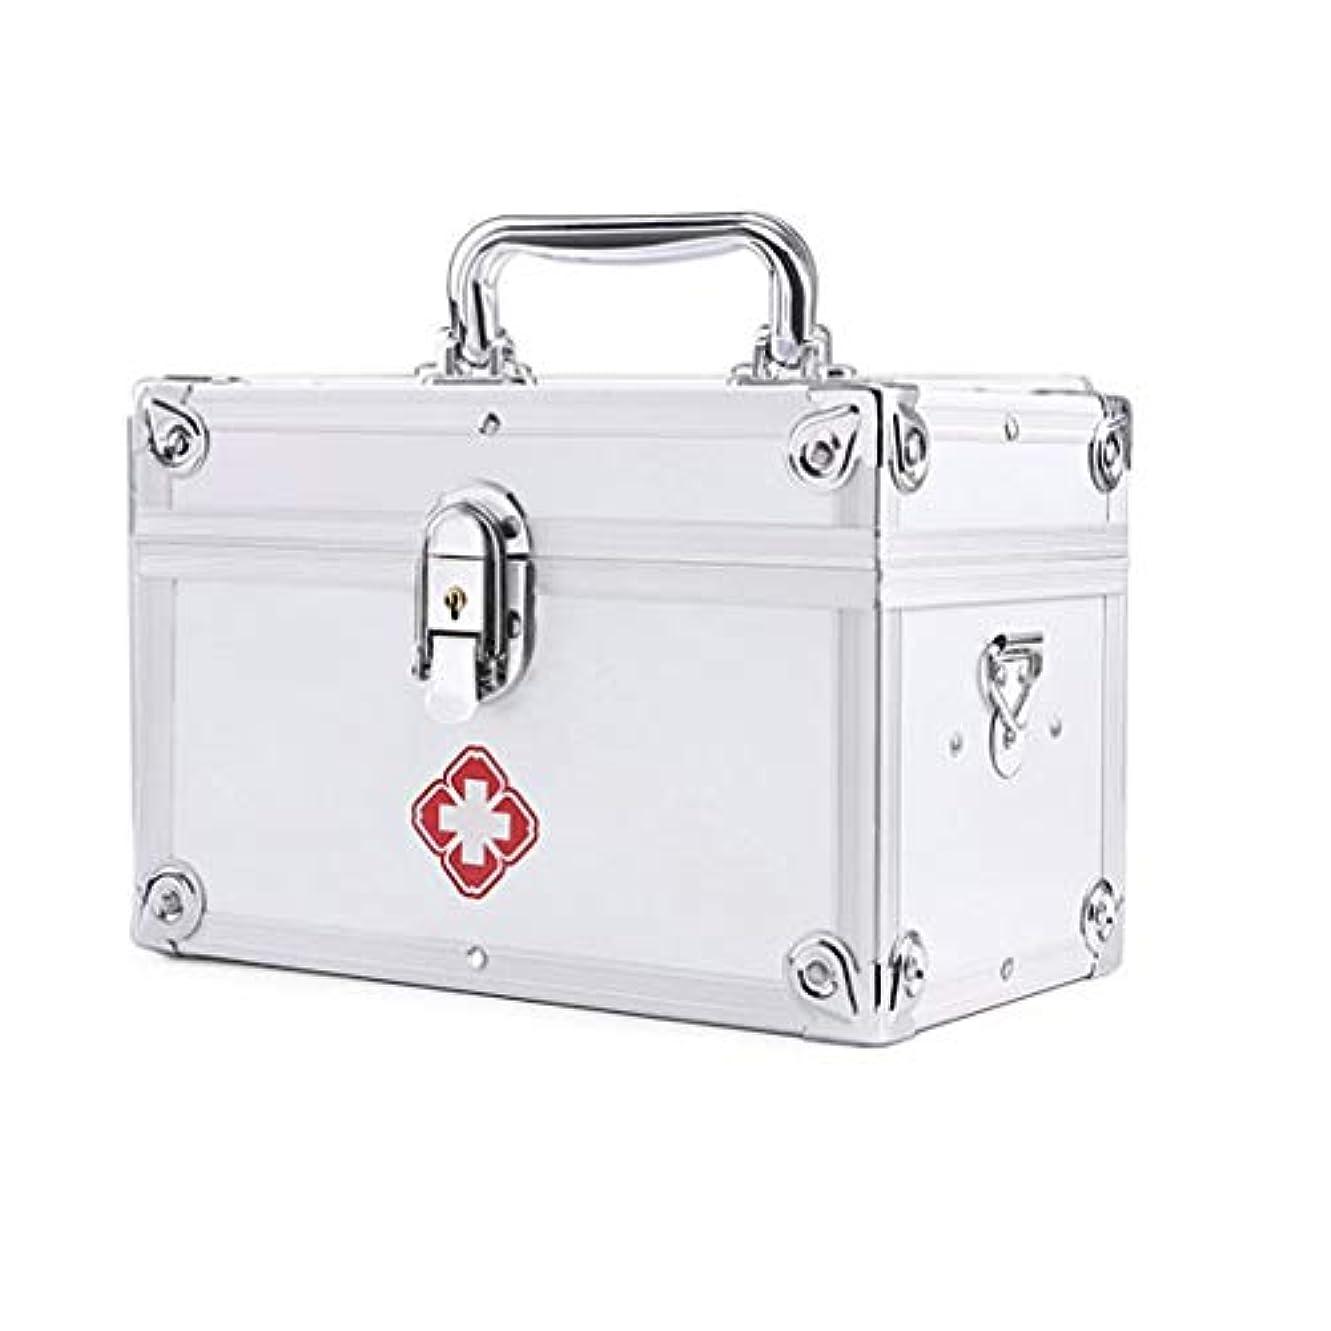 割れ目期限母音HTDZDX コンパートメントおよび携帯用ハンドルが付いている救急箱の緊急のキット袋、世帯のアルミ合金の緊急の医療用箱 (Color : Silver)